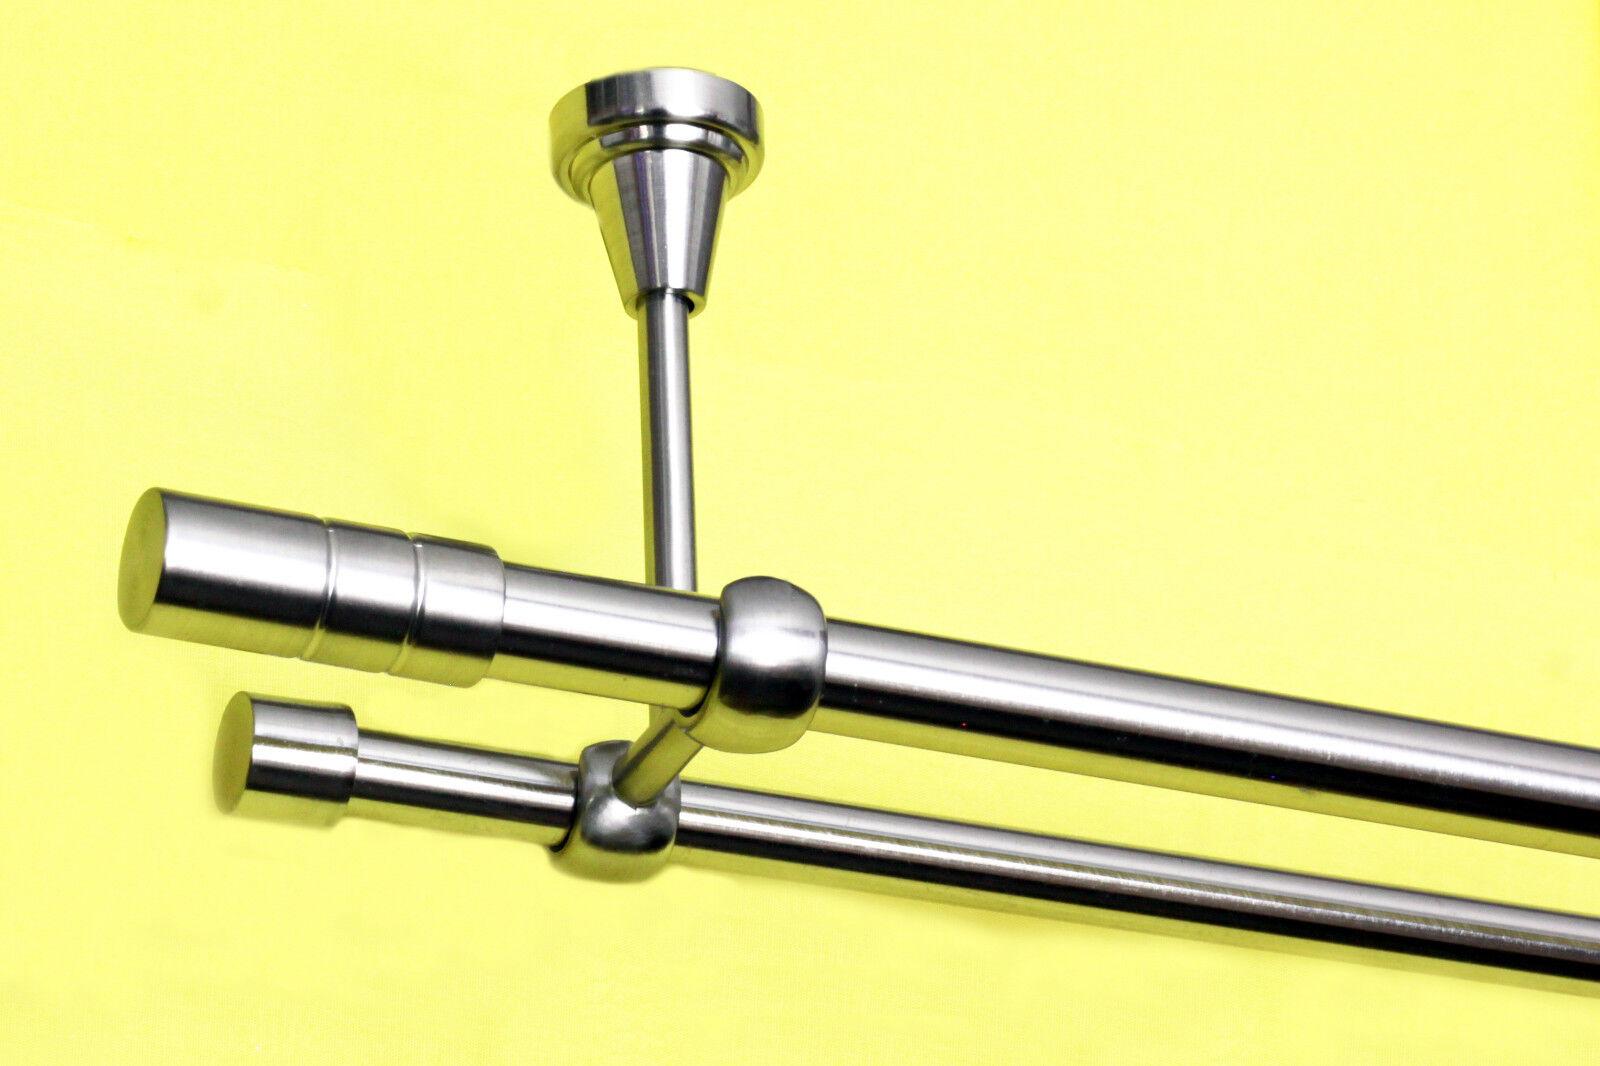 Gardinenstangen zweiläufig 16mm und 20mm mit Endkappen Segment, Edelstahllook    Neuer Markt